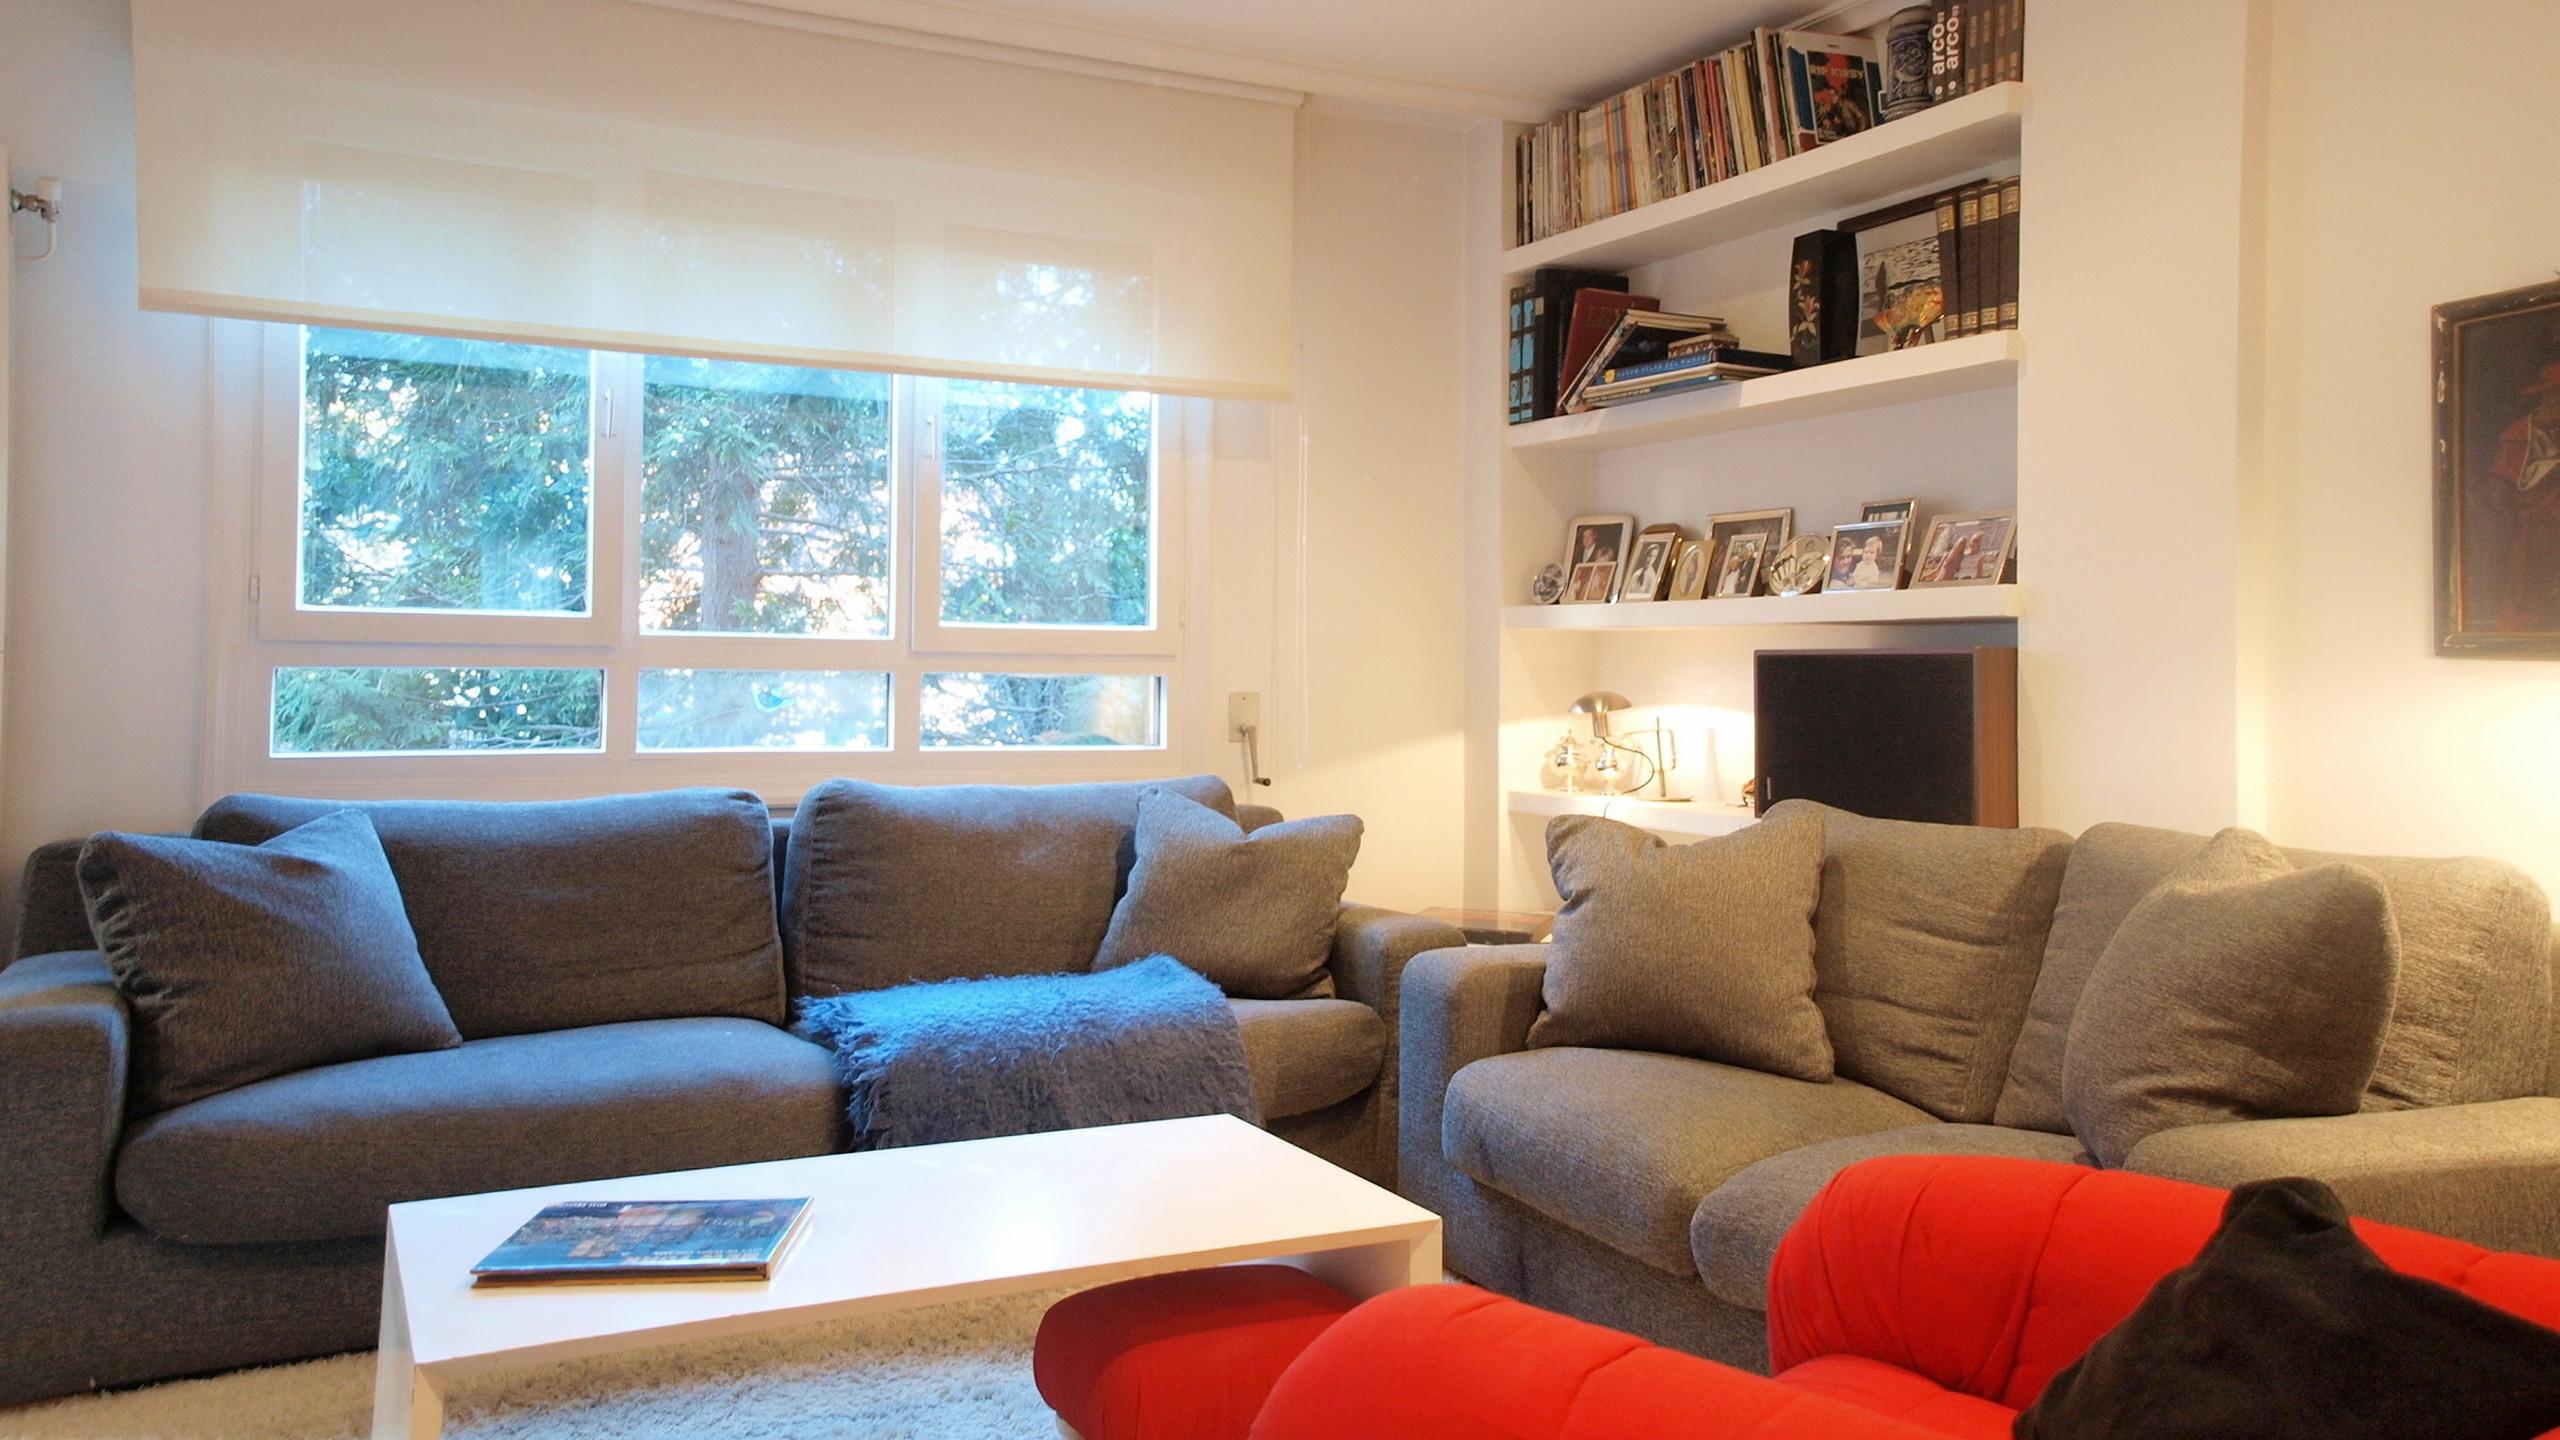 Pb283282portada select home rentalsselect home rentals for Select home